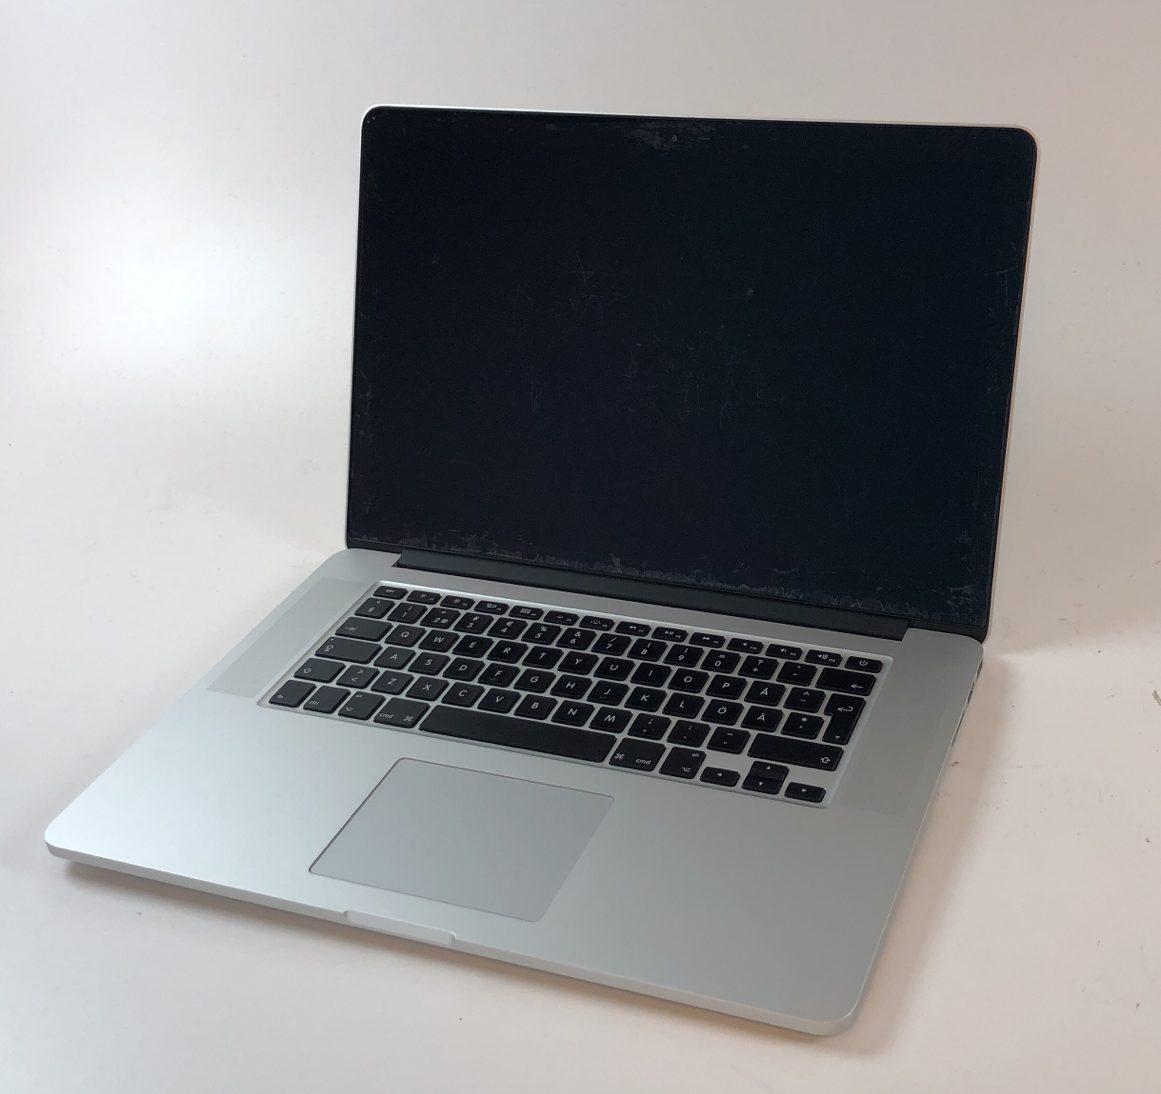 """MacBook Pro Retina 15"""" Mid 2015 (Intel Quad-Core i7 2.5 GHz 16 GB RAM 512 GB SSD), Intel Quad-Core i7 2.5 GHz, 16 GB RAM, 512 GB SSD, bild 1"""